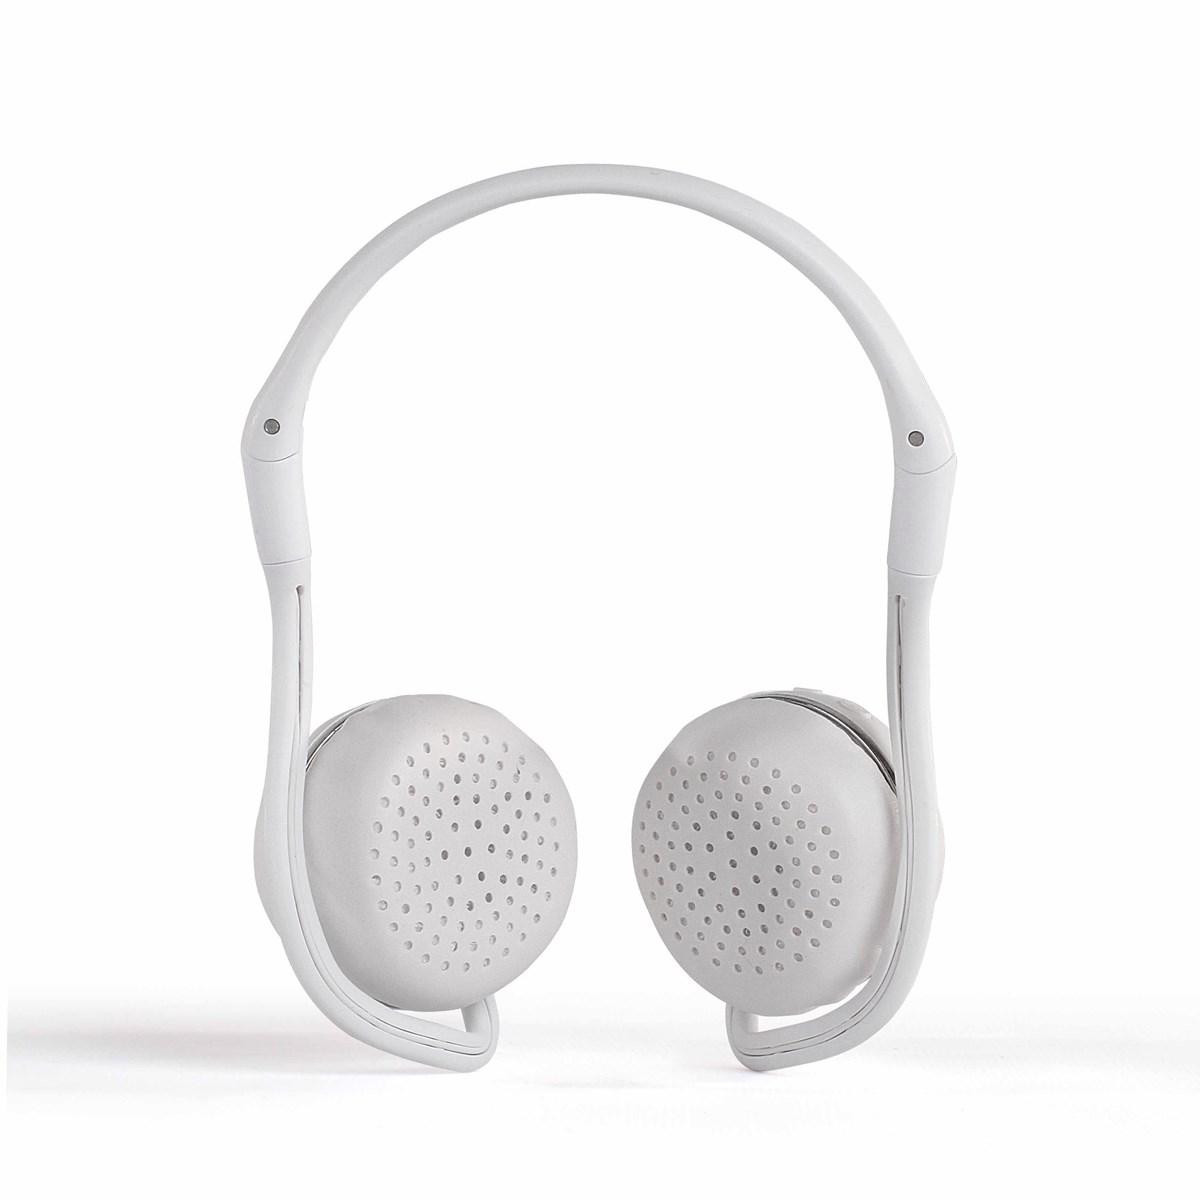 Casque sport compatible Bluetooth en plastique blanc